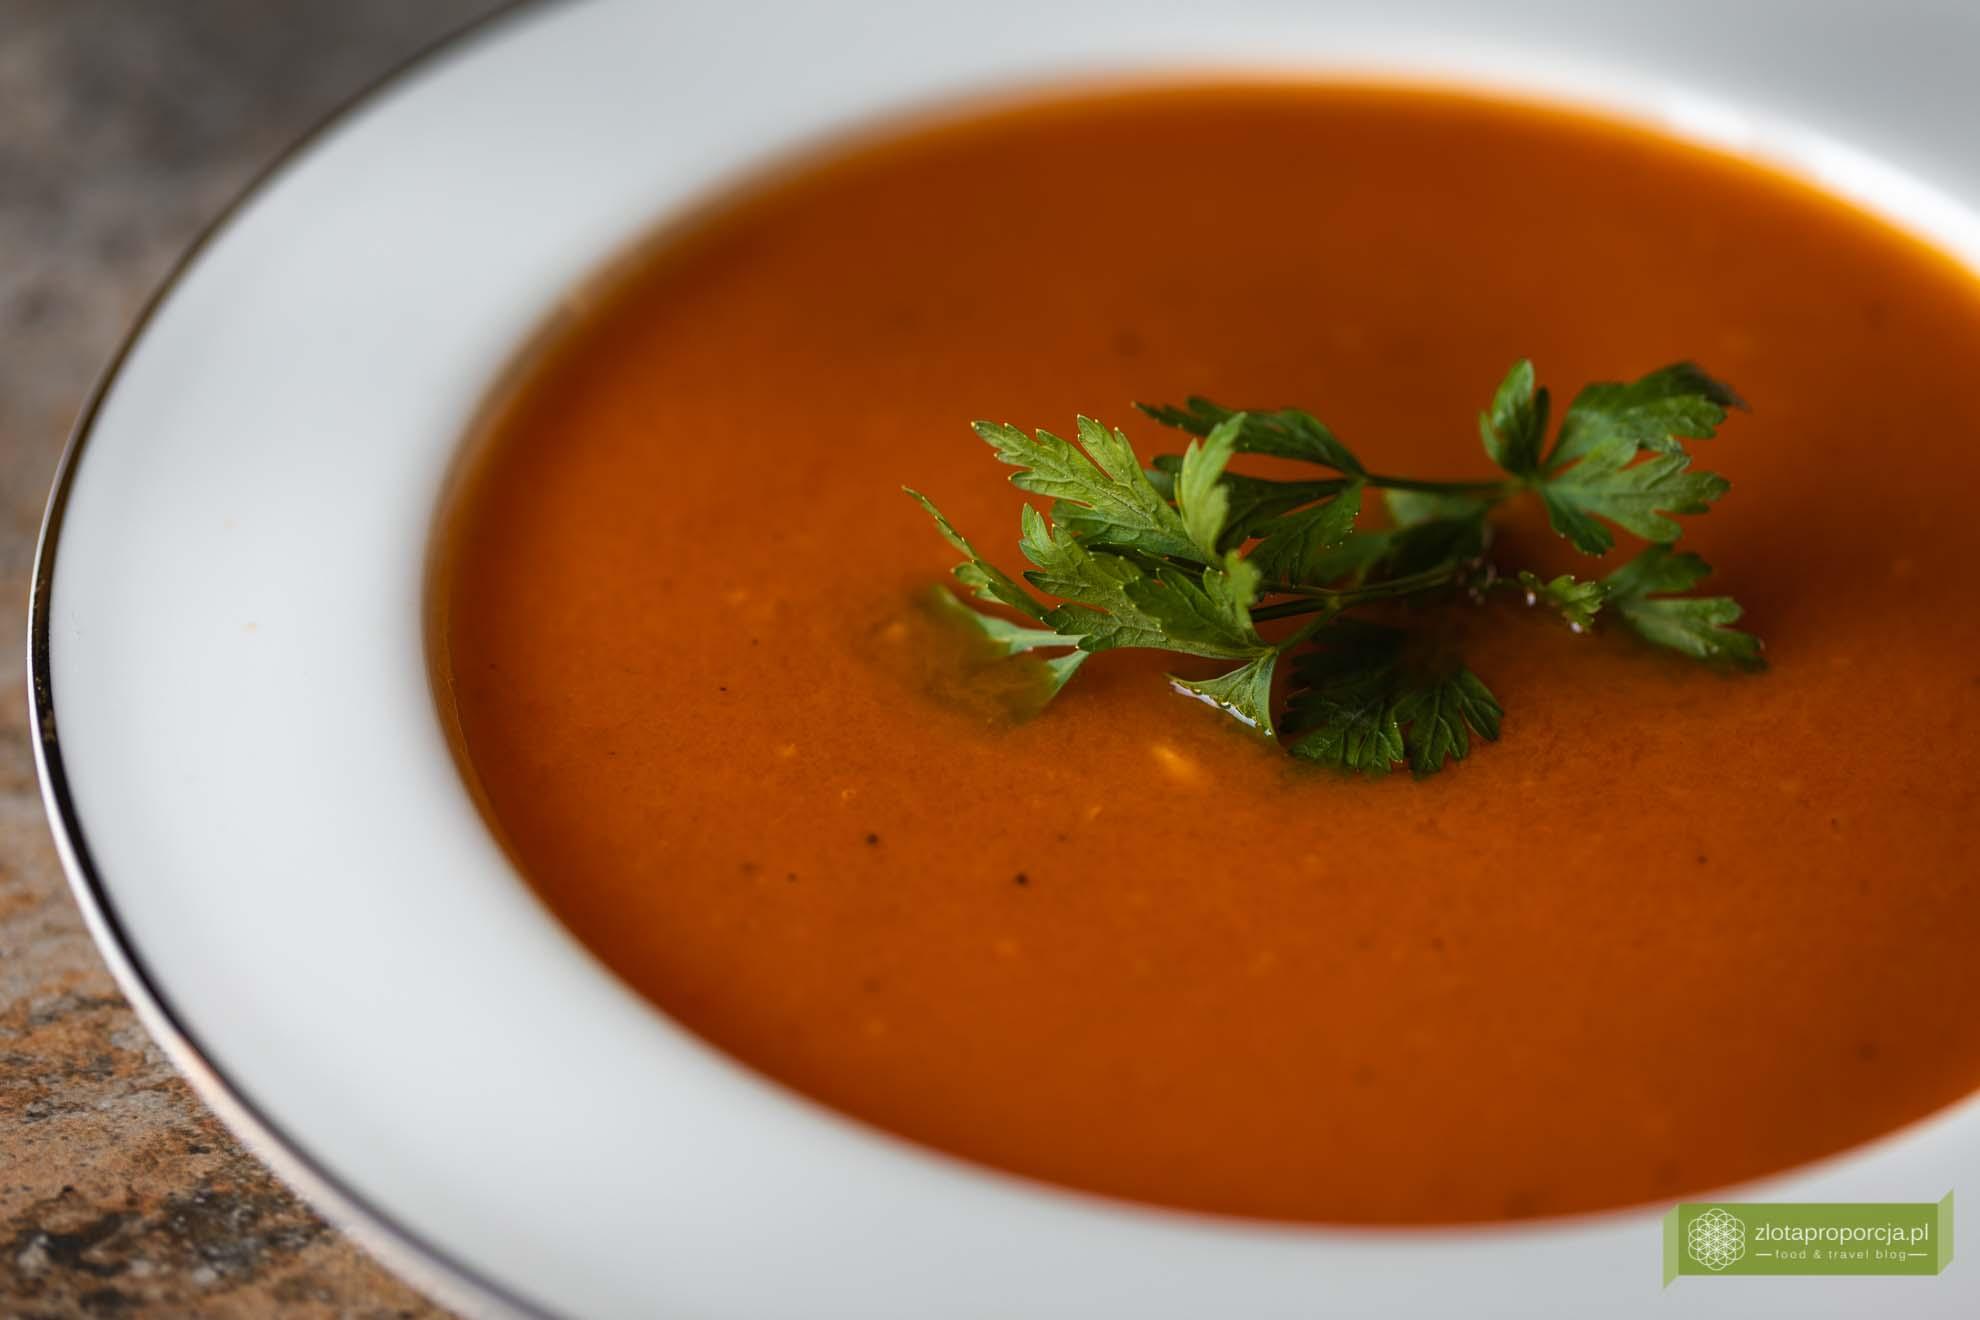 zupa pomidorowa ze świeżych pomidorów; zupa pomidorowa; przepis; zupa krem ze świeżych pomidorów;